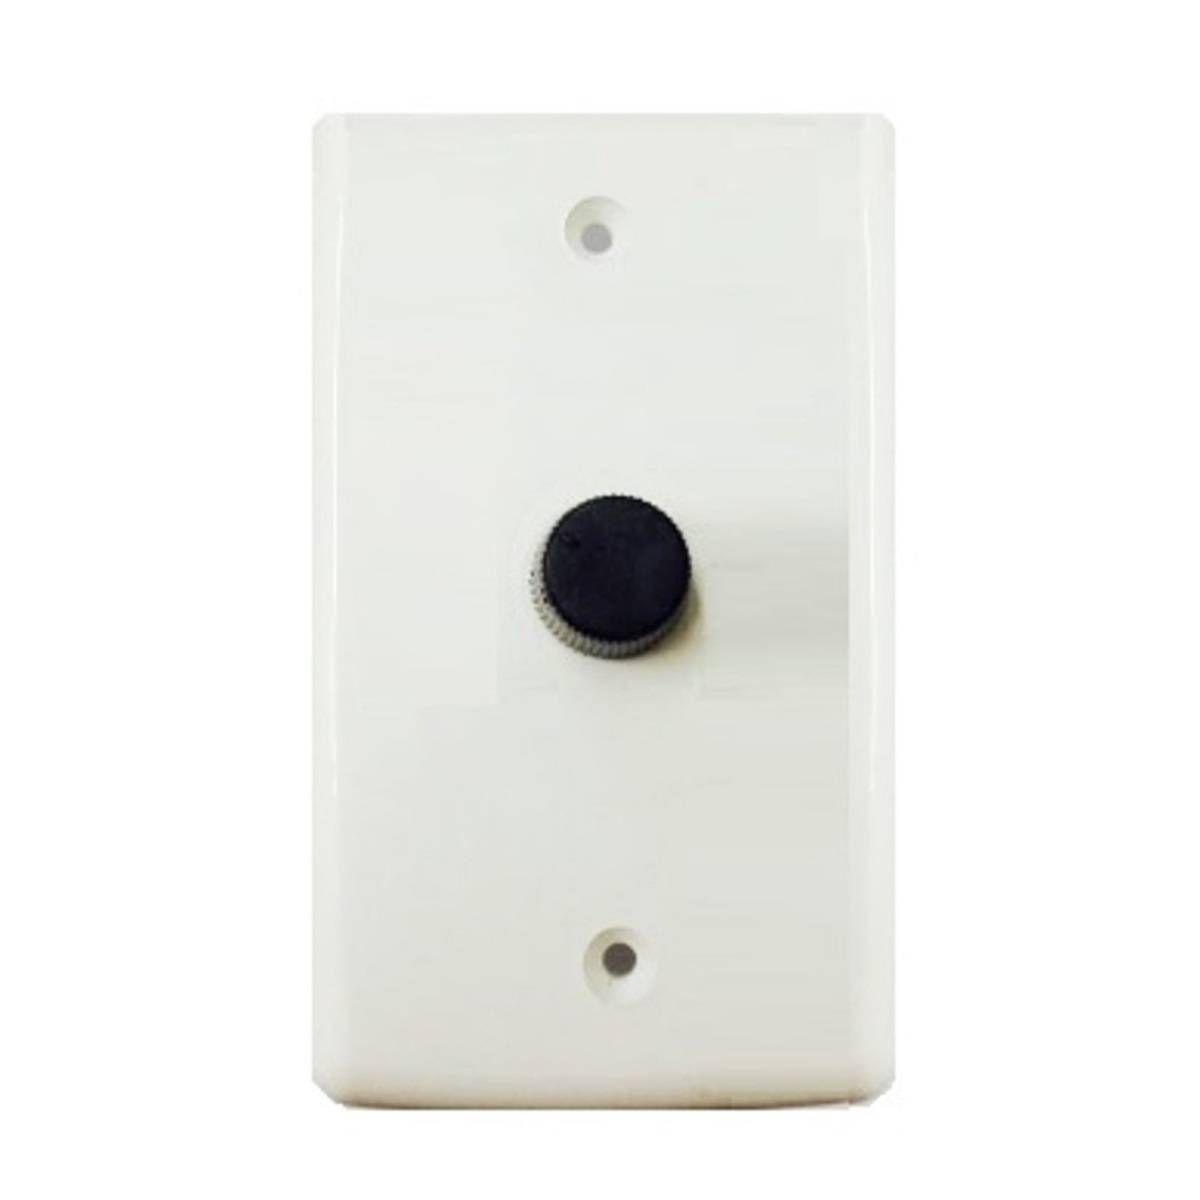 Kit 6 Ventiladores Parede Oscilante 50 Cm Preto / Prata Bivolt Grade Aço